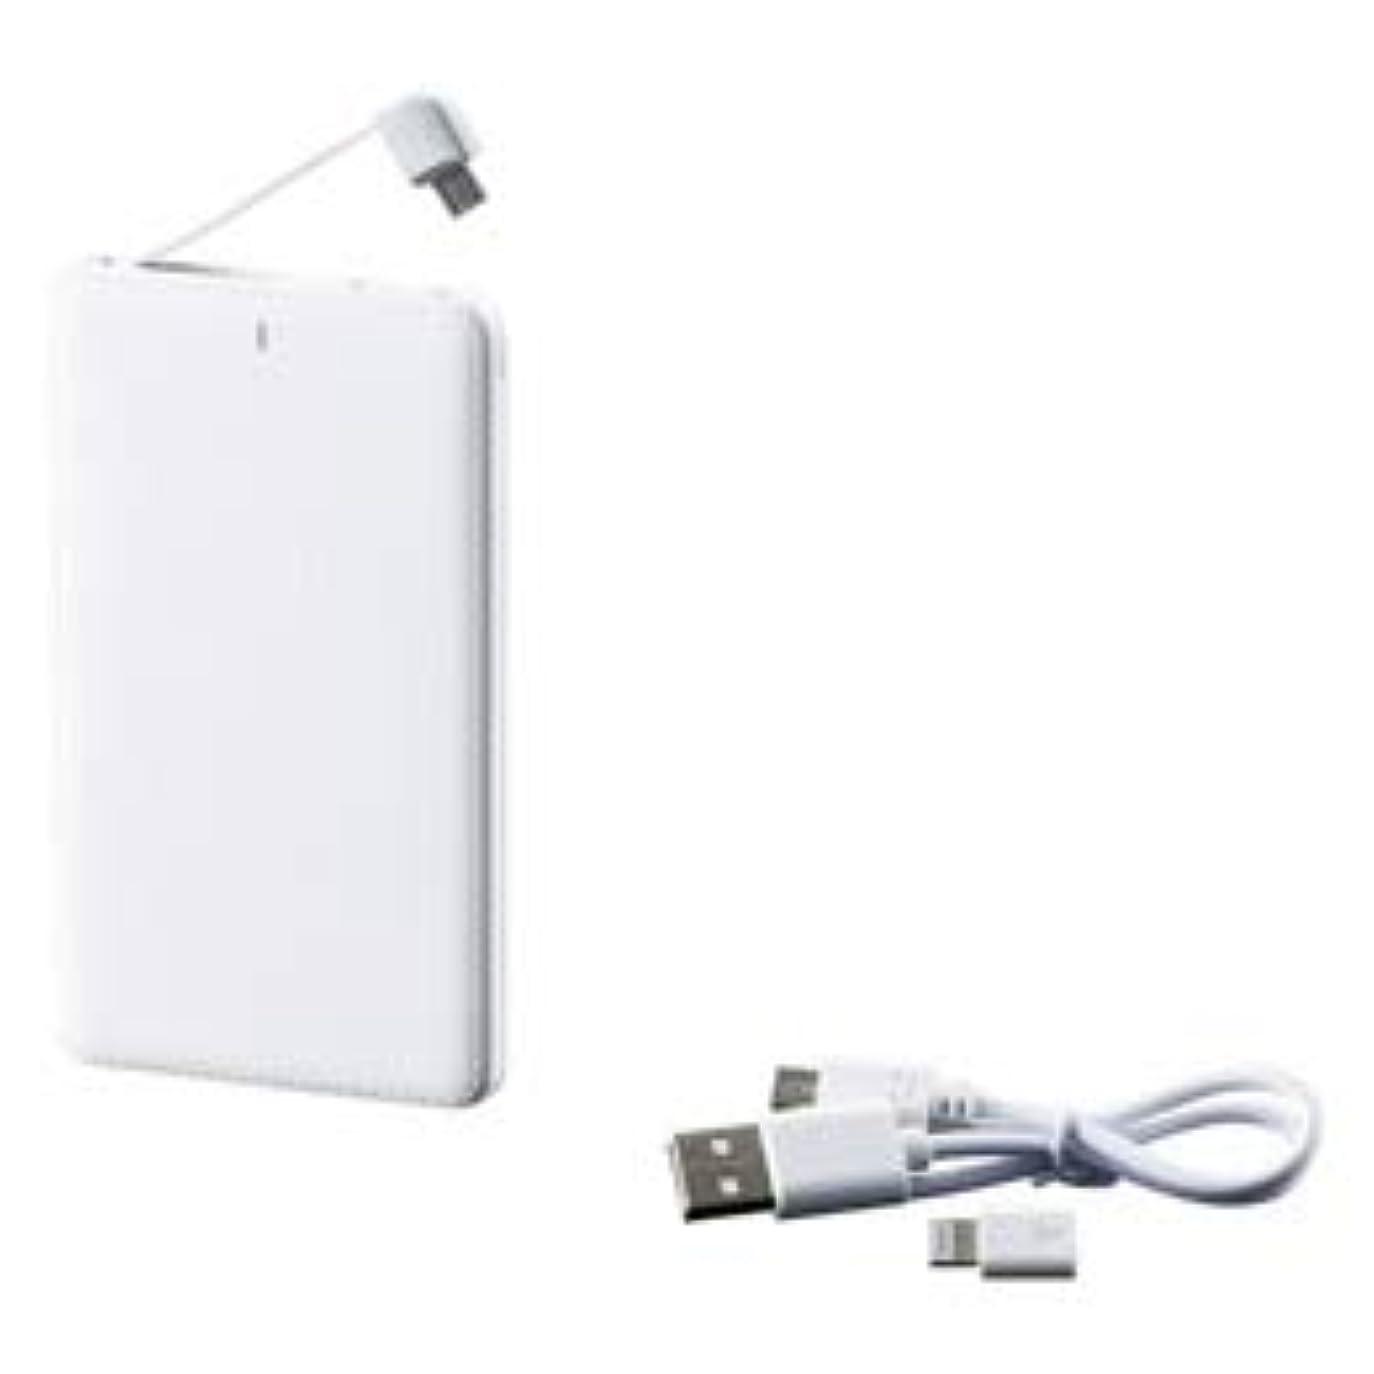 まばたき神経障害下品【まとめ 3セット】 モバイルバッテリー(5000mAh) M80212824